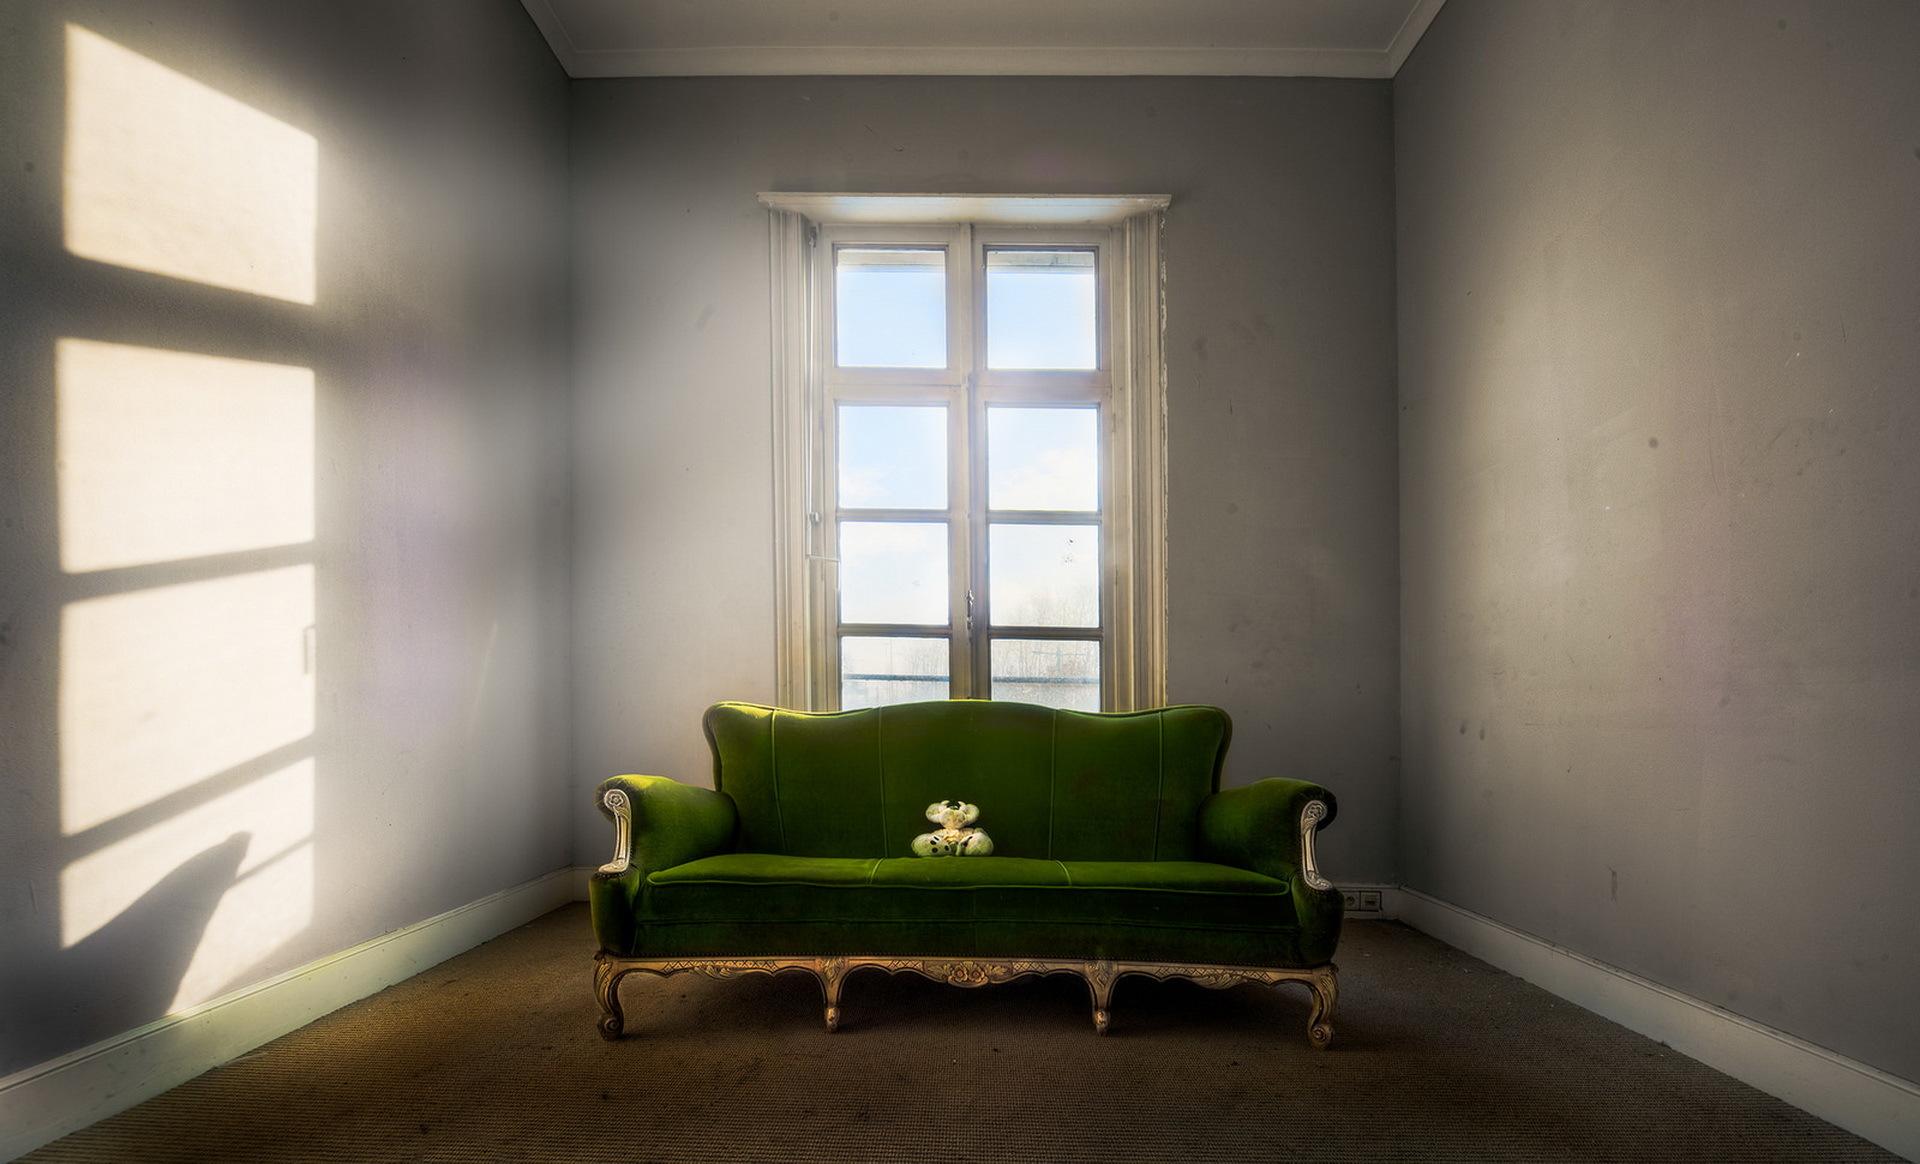 Зеленый диван в пустой комнате